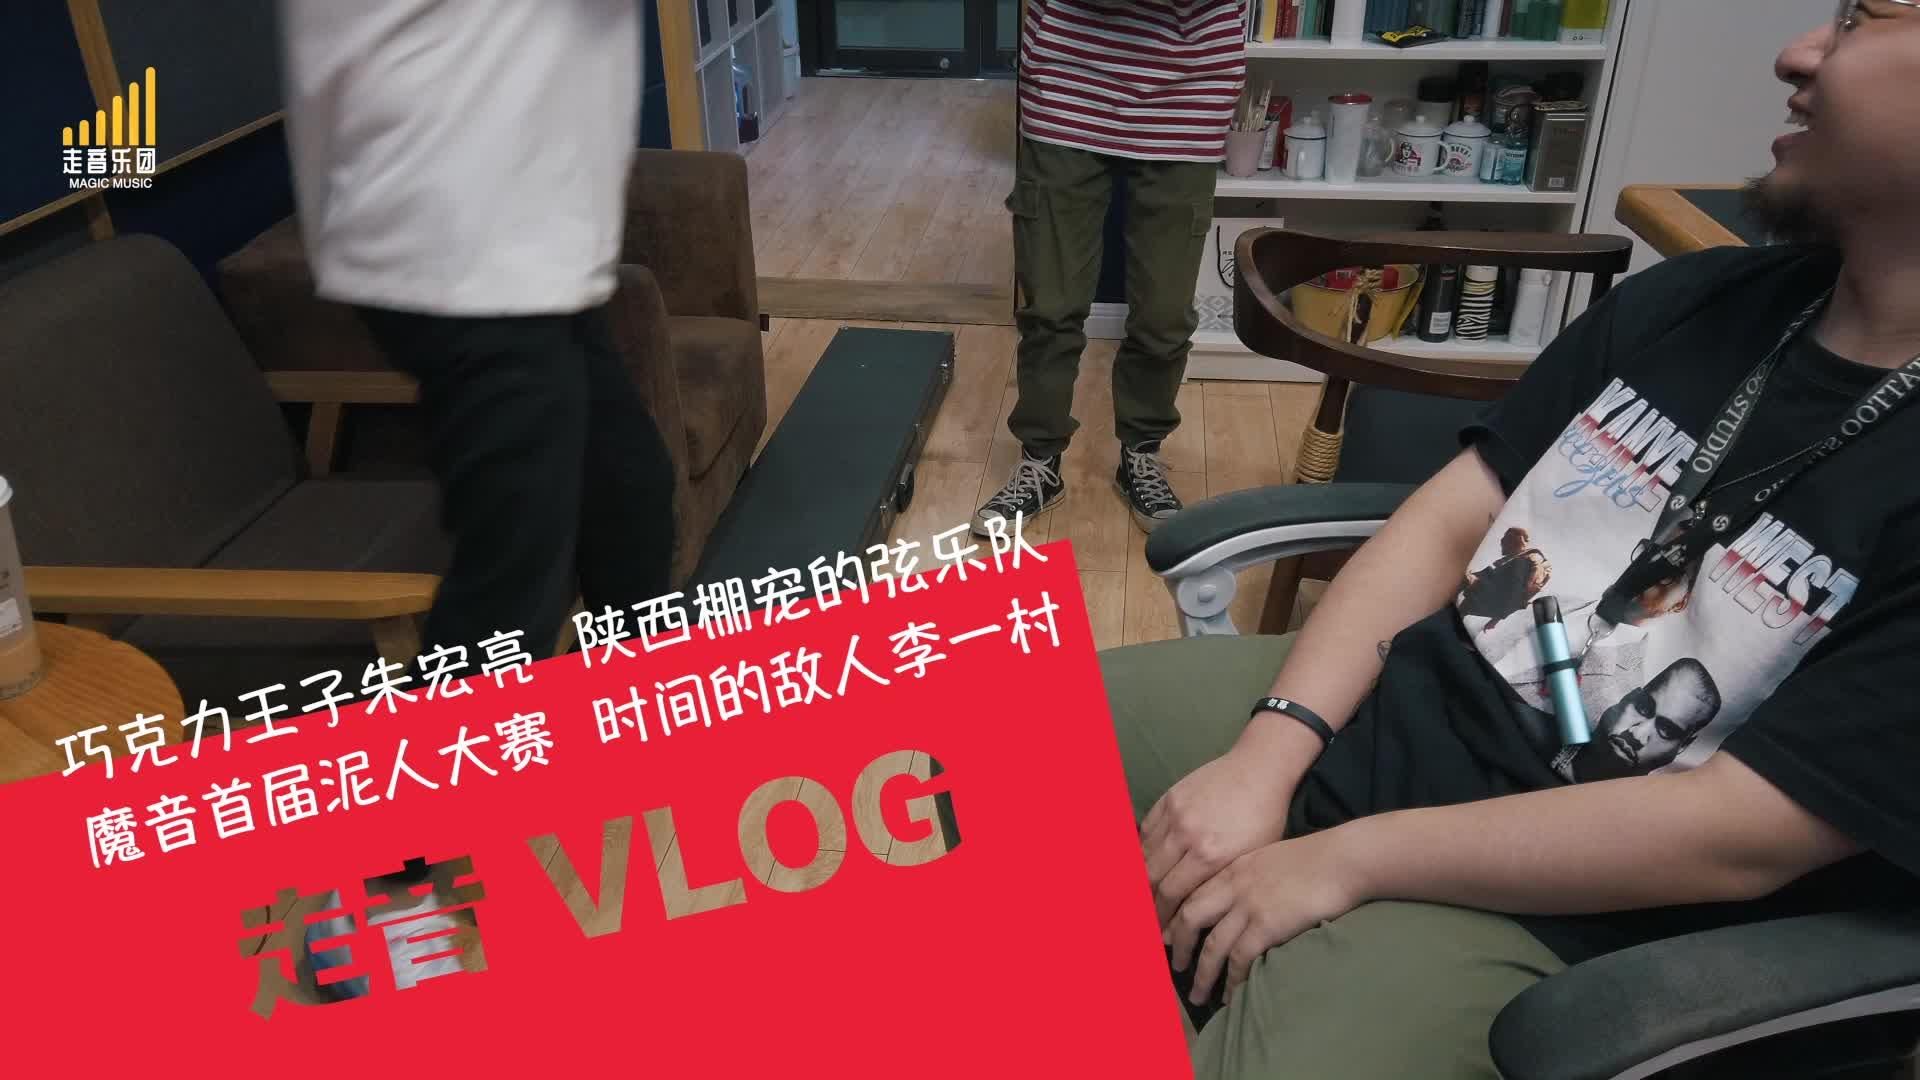 【走音 VLOG】青年作曲朱宏亮和他的作品